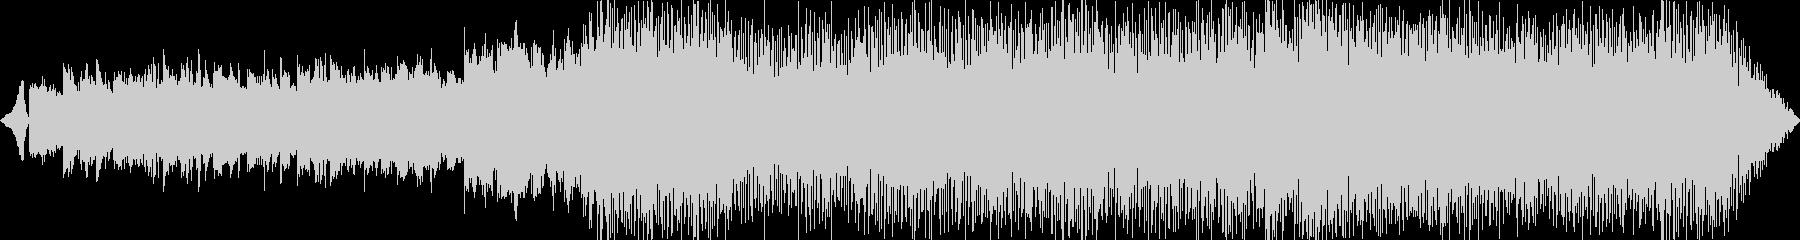 フルオーケストラのバラード。ノスタ...の未再生の波形